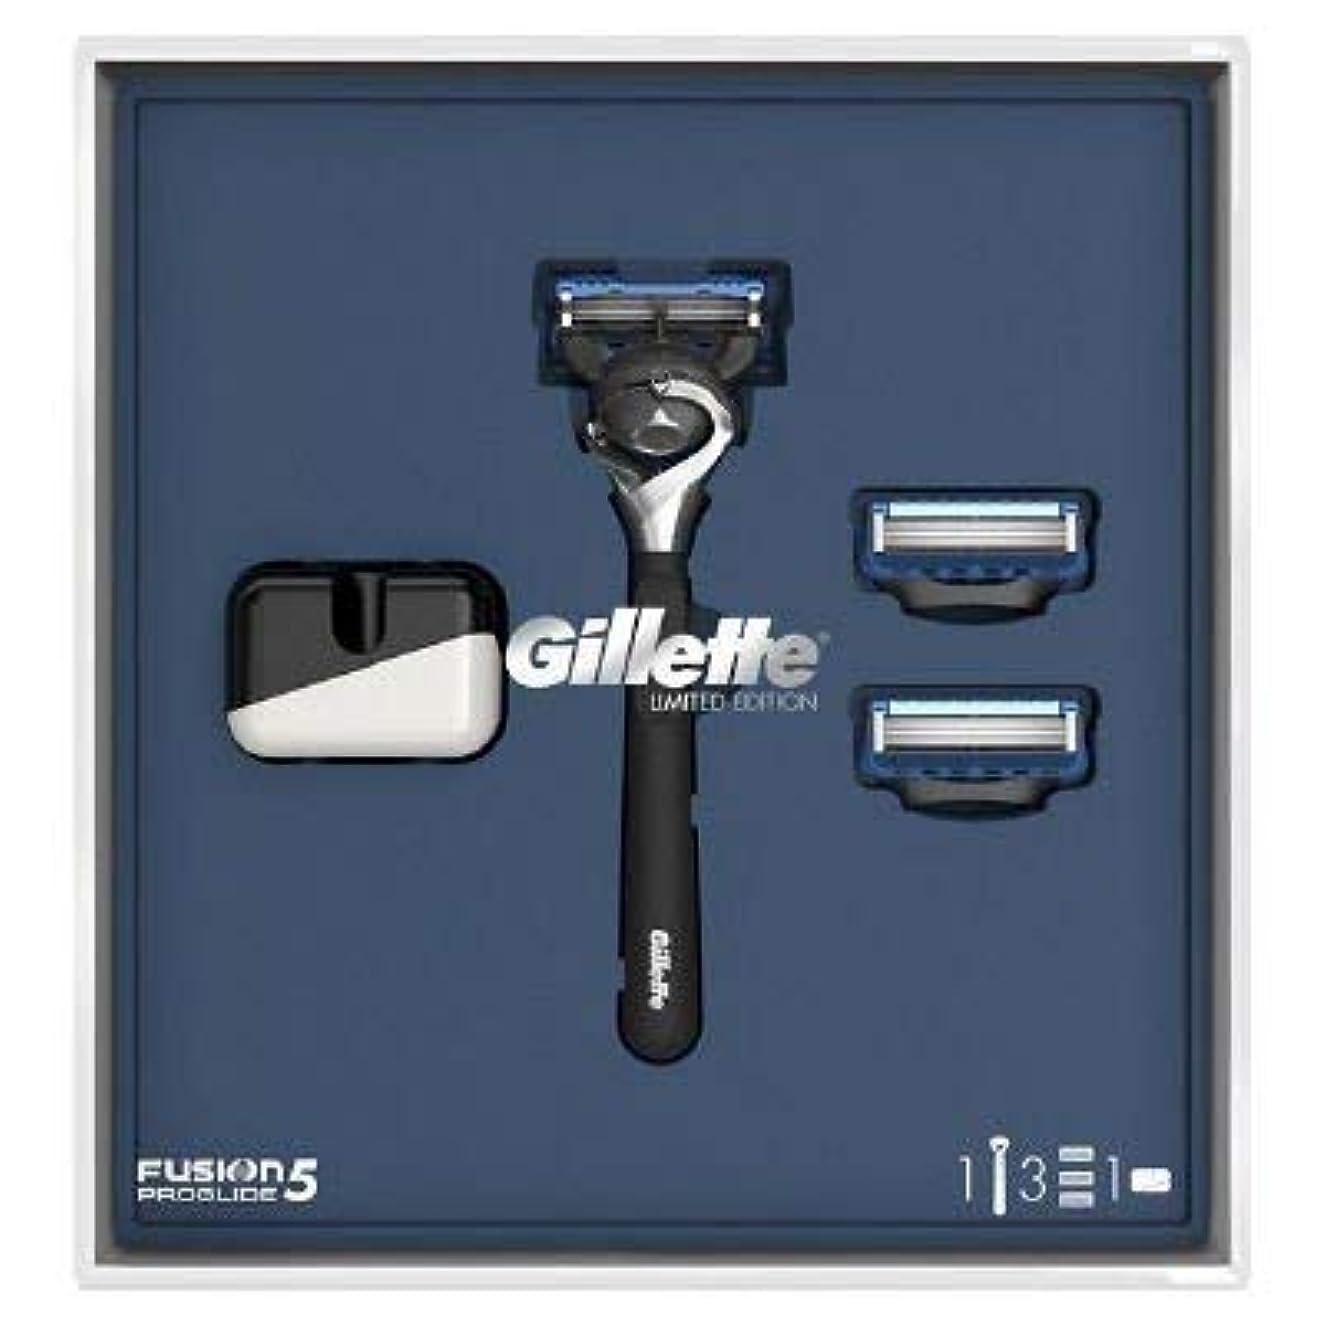 受粉するブラジャー忘れられない(ジレット)Gilette プログライド 髭剃り本体+替刃3個 オリジナルスタンド付き スペシャルパッケージ P&G